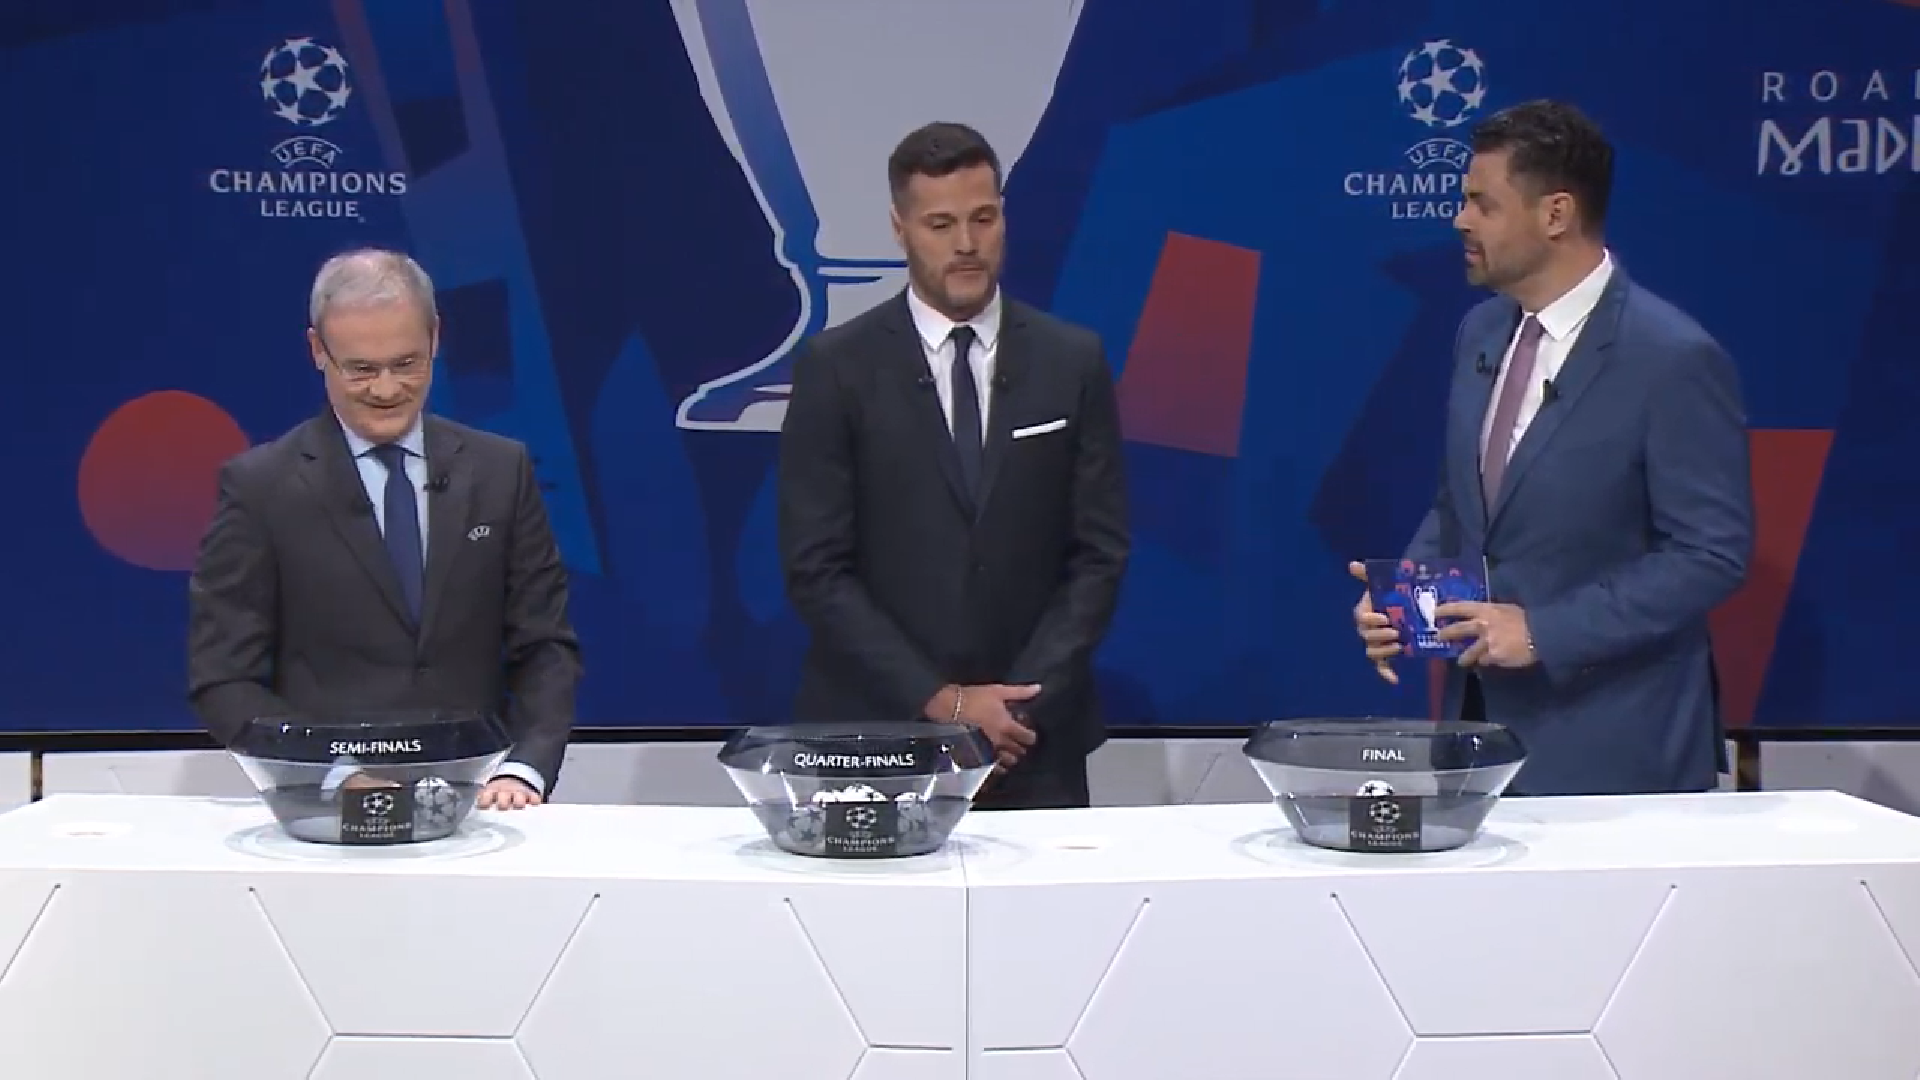 Kết quả bốc thăm tứ kết Champions League: Ronaldo cùng Juventus dễ thở, MU phải gặp đối thủ khó nhất - Ảnh 9.